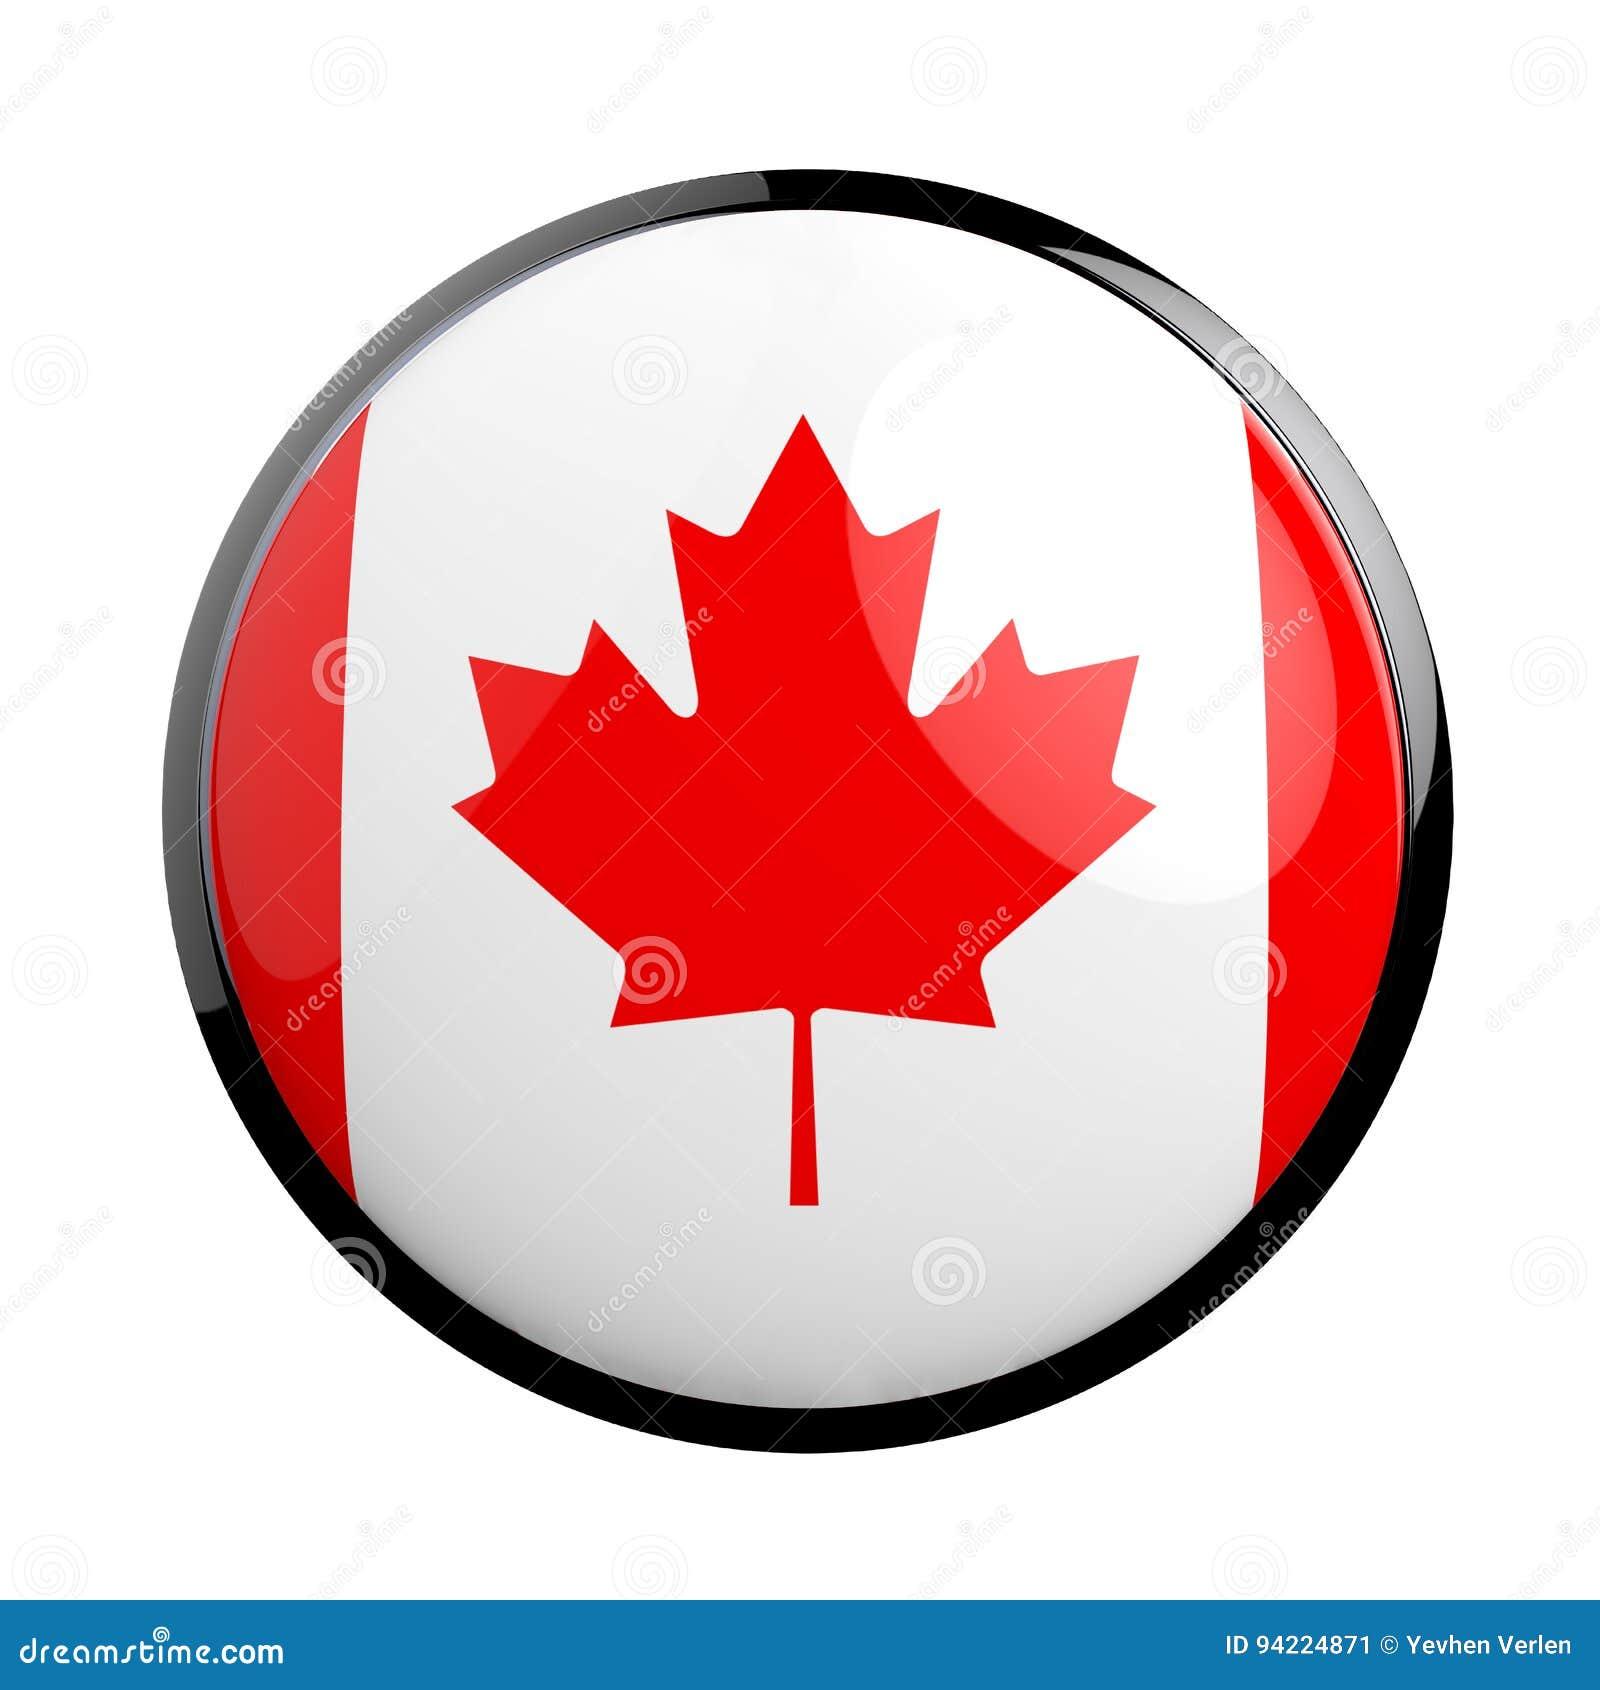 Drapeau Rond drapeau rond d'icône de canada illustration stock - illustration du